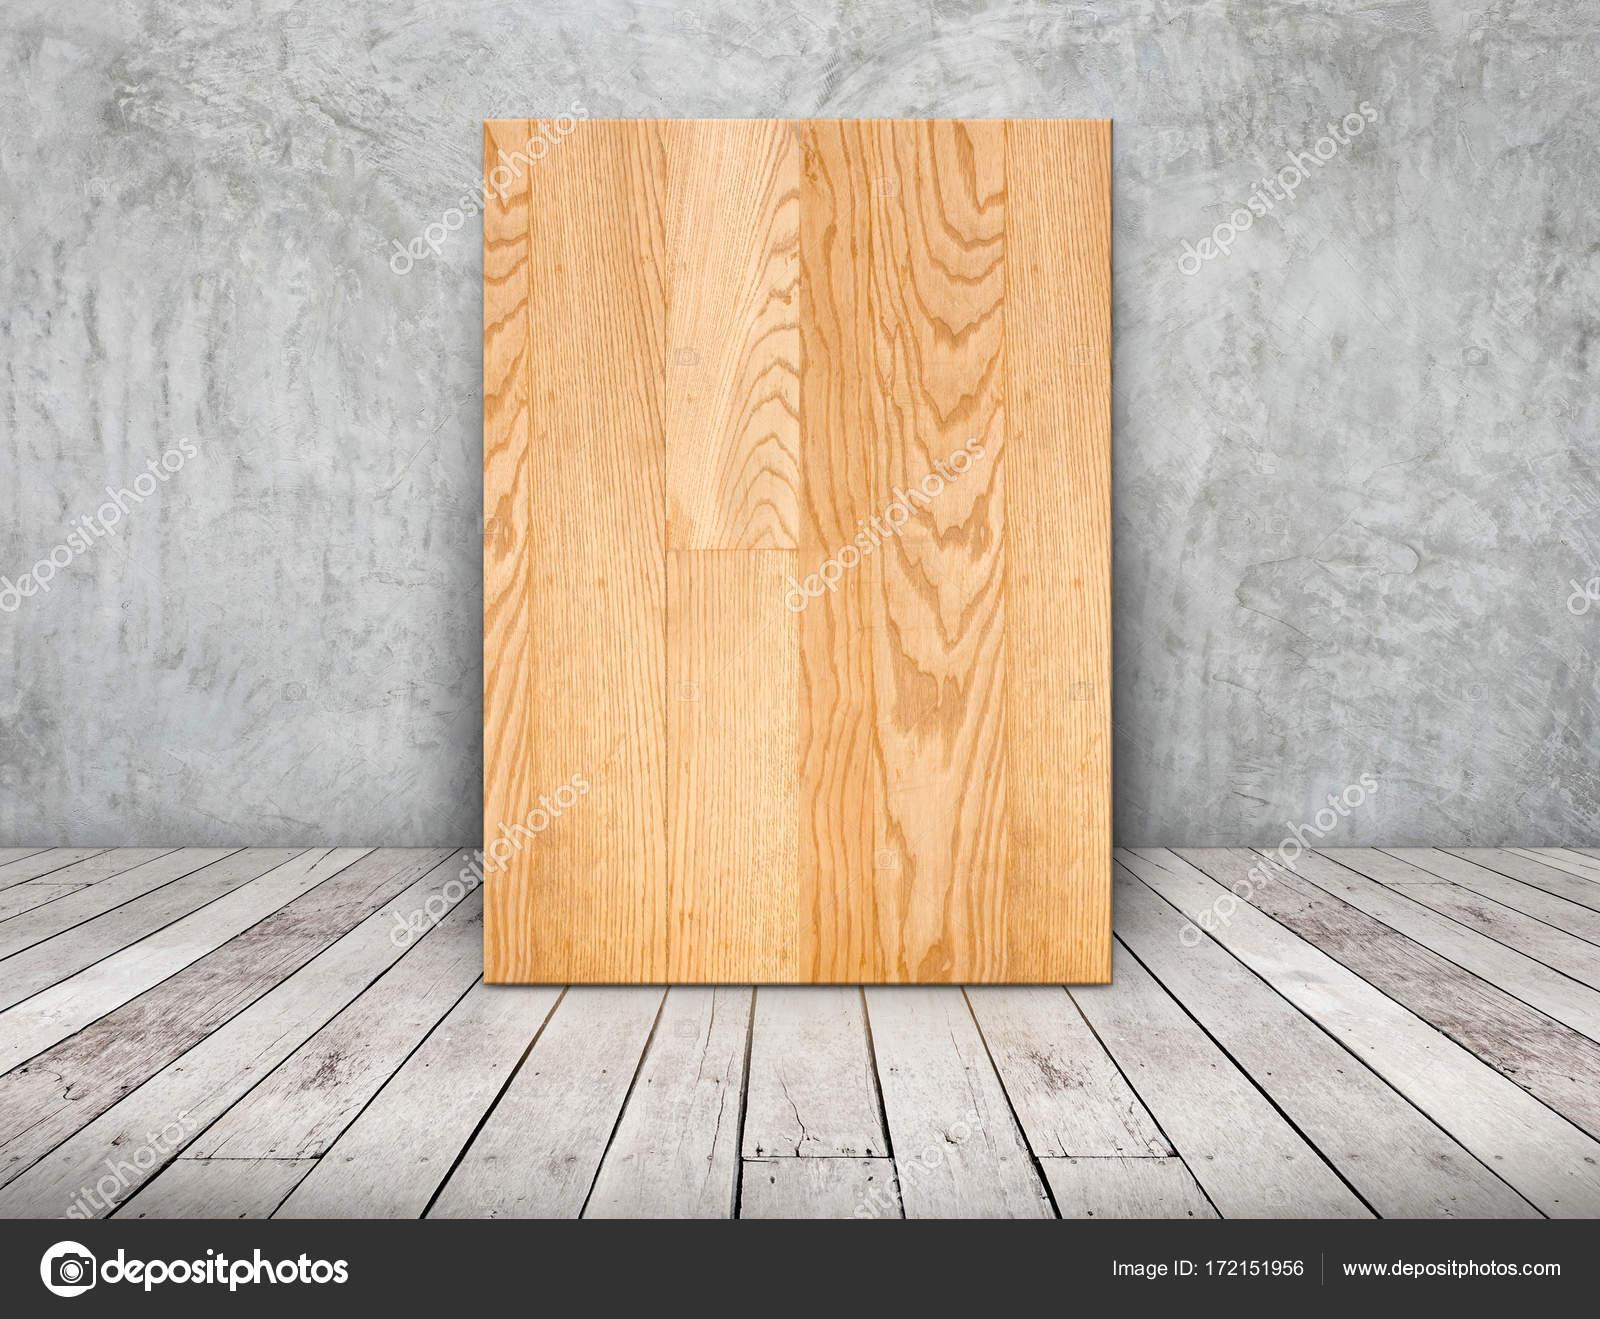 Leere einfache Holzrahmen stützte sich auf Betonwand auf Holzbrett ...